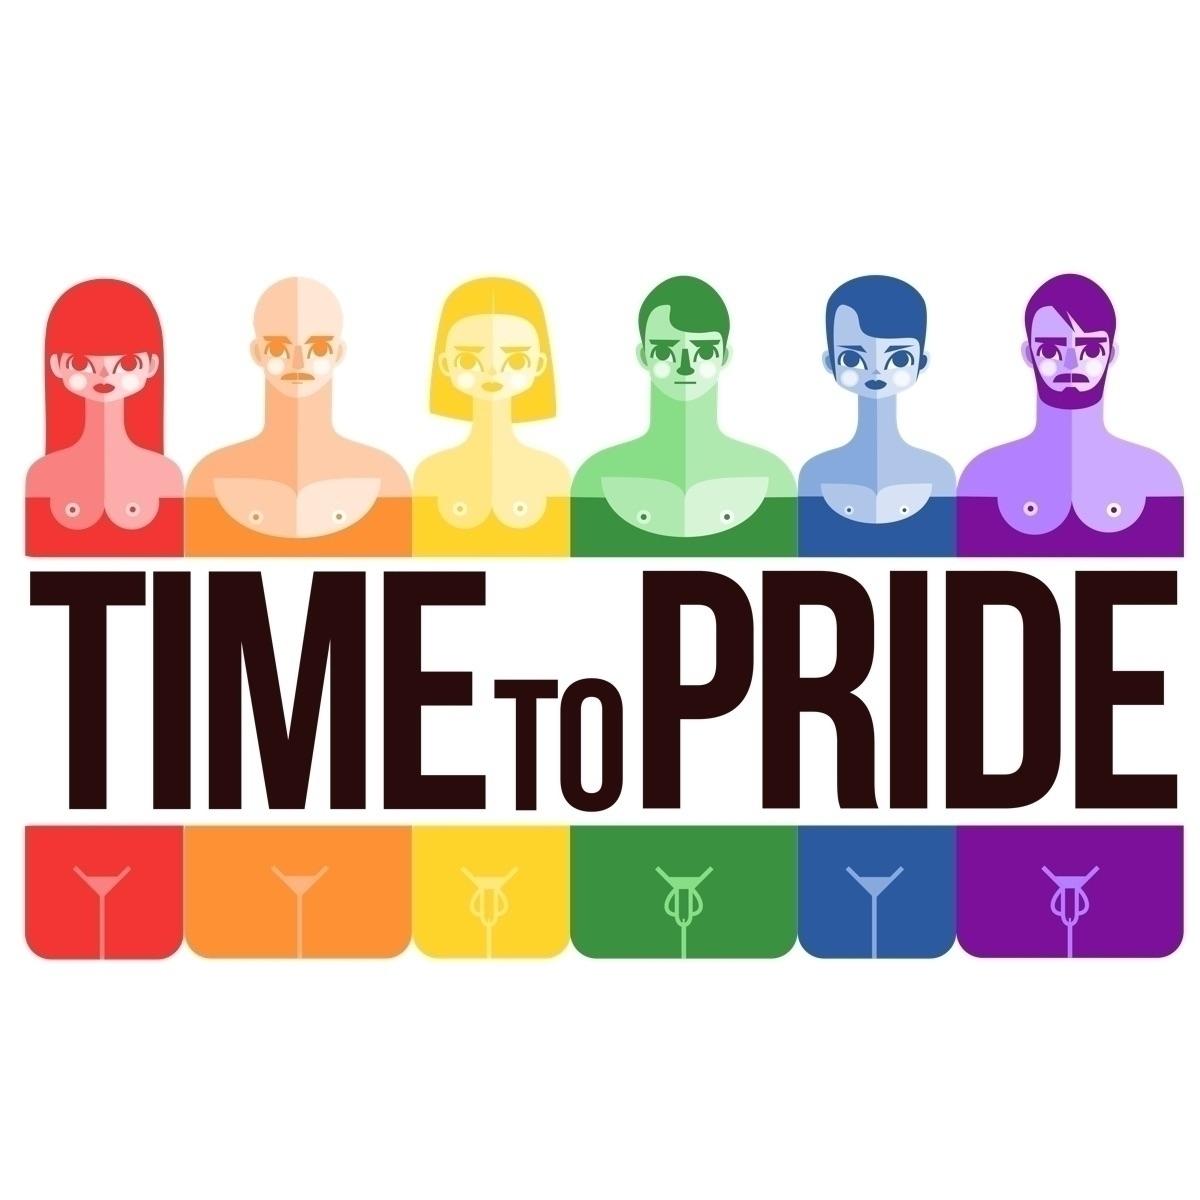 Time pride, celebrate fight - lgtbqartist - castanoart | ello